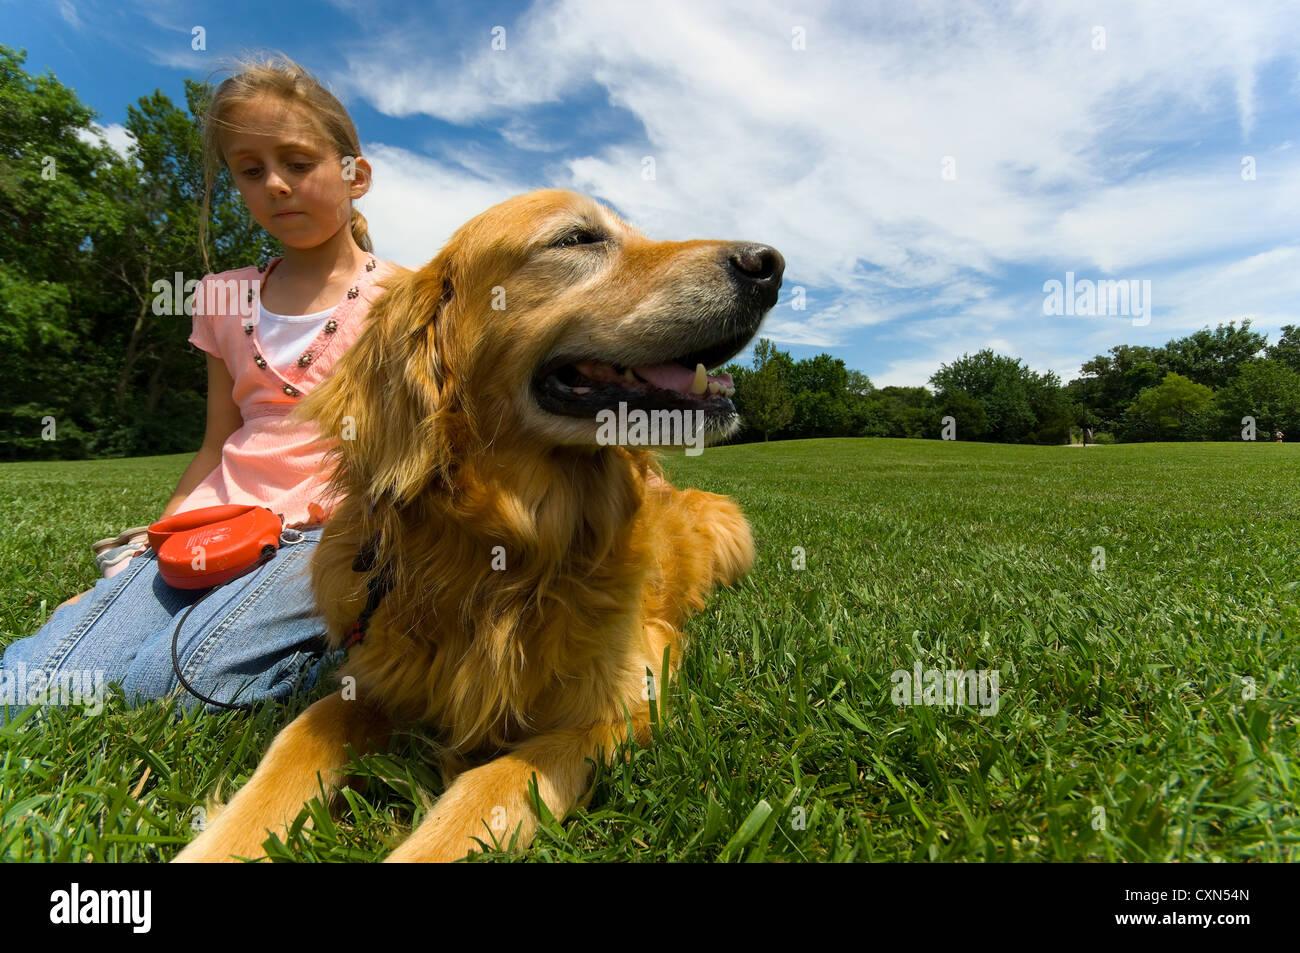 Jeune fille au parc avec le chien Photo Stock